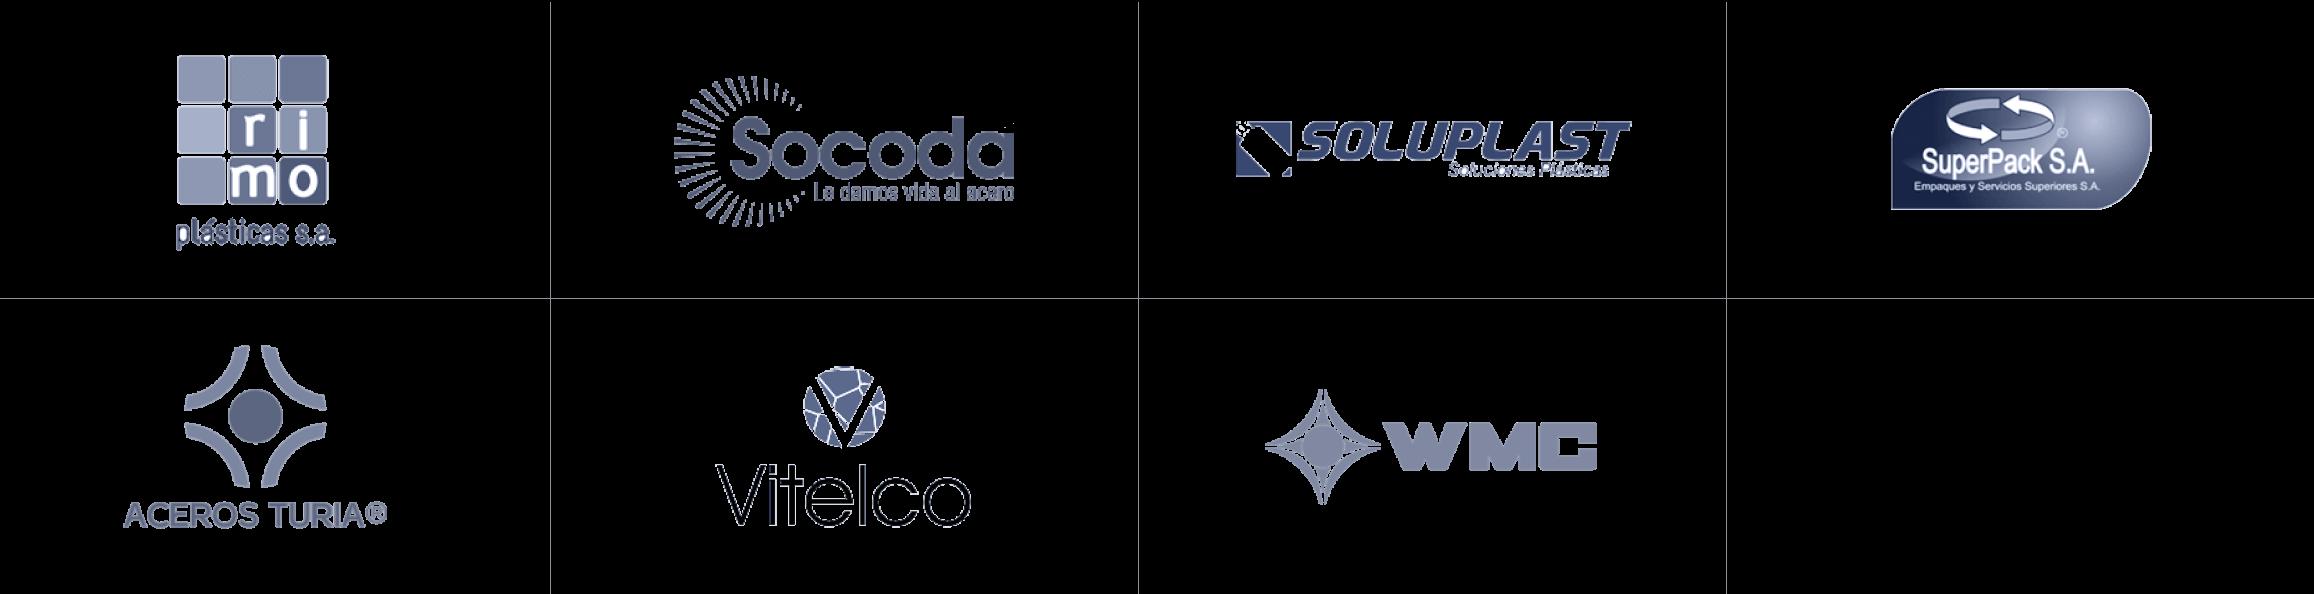 clientes dreamersoft alrededor del mundo